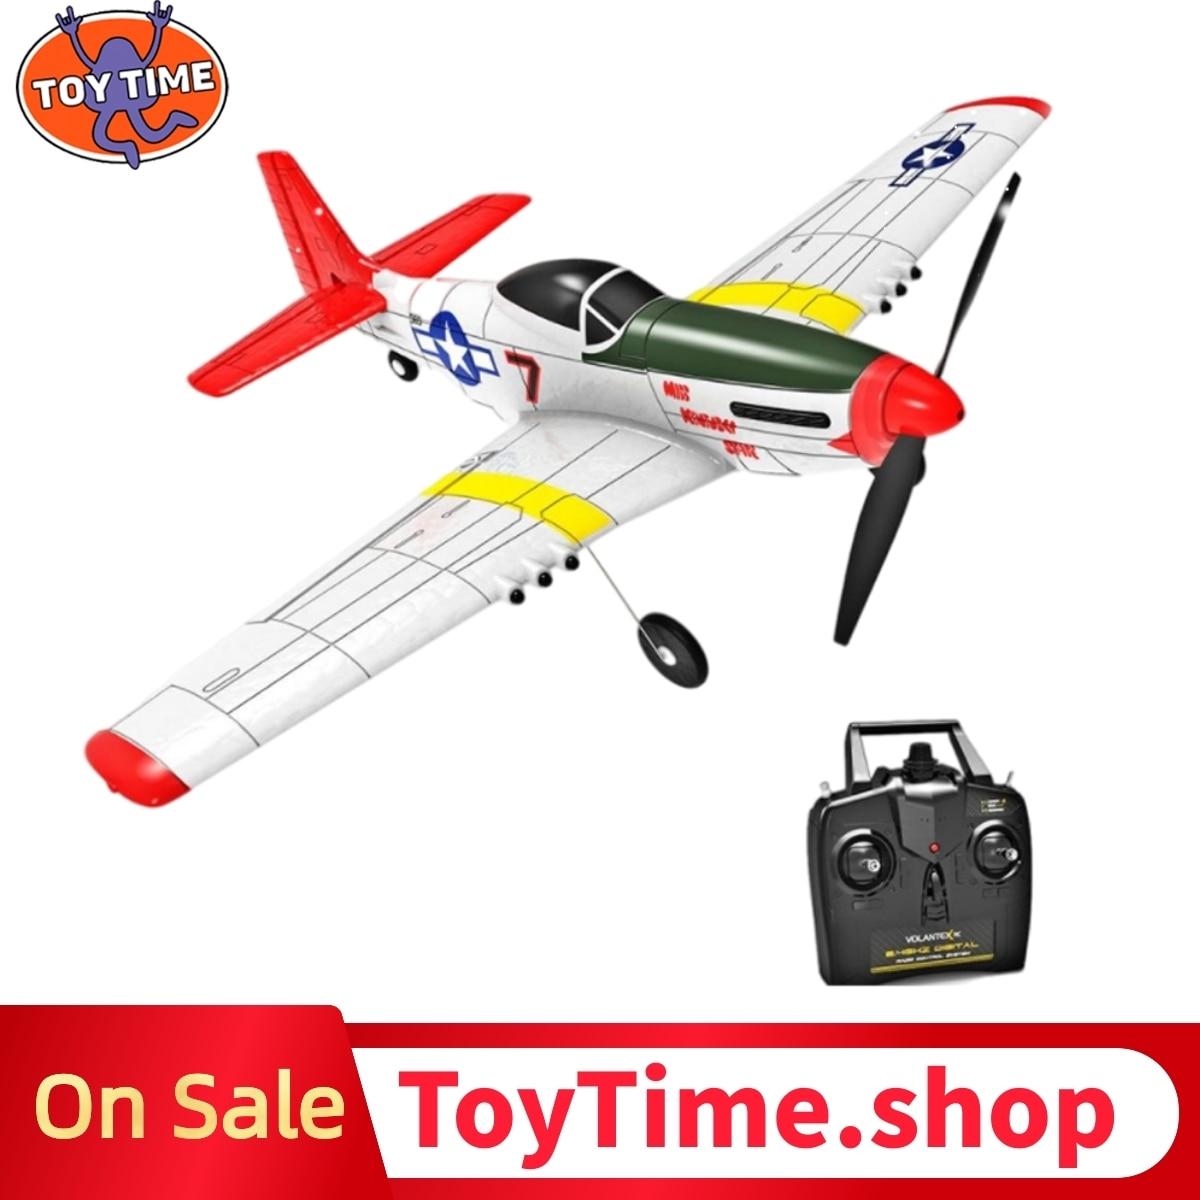 ToyTime 761-5 P51 плоская модель Rc 400Mm размах крыльев 2,4G 6-осевой гироскоп с неподвижным крылом Rtf планер Epp Поролоновый самолета 14 минут беспилотный ...